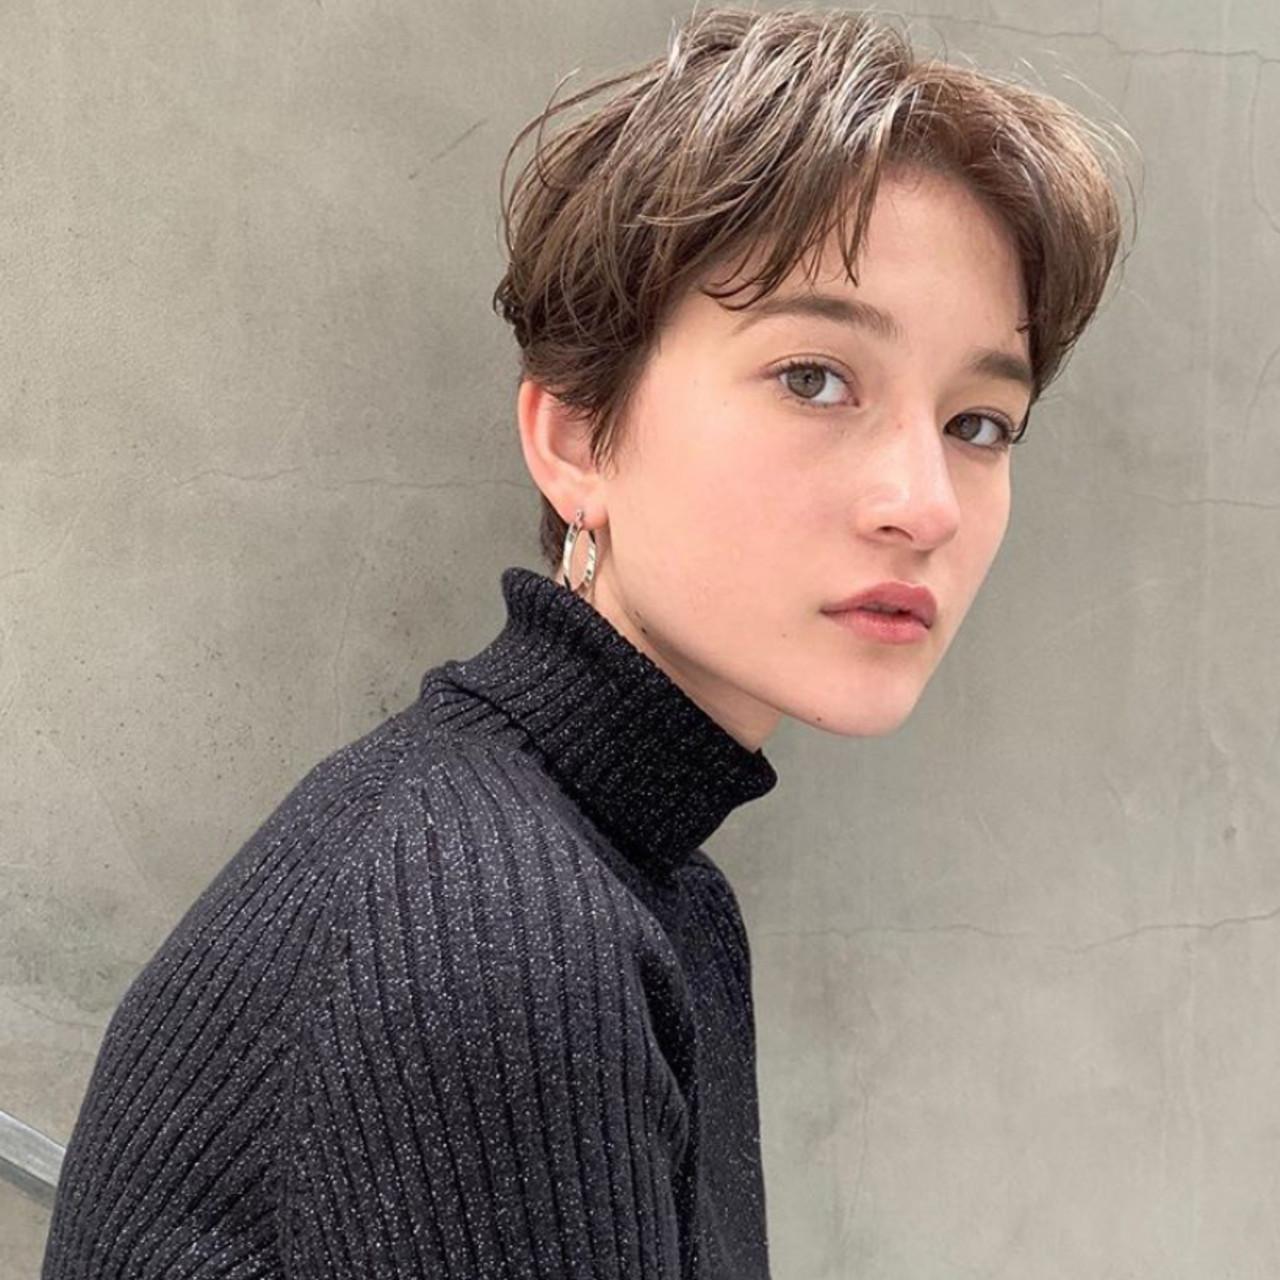 ナチュラル 地毛風カラー ベリーショート ハンサムショート ヘアスタイルや髪型の写真・画像